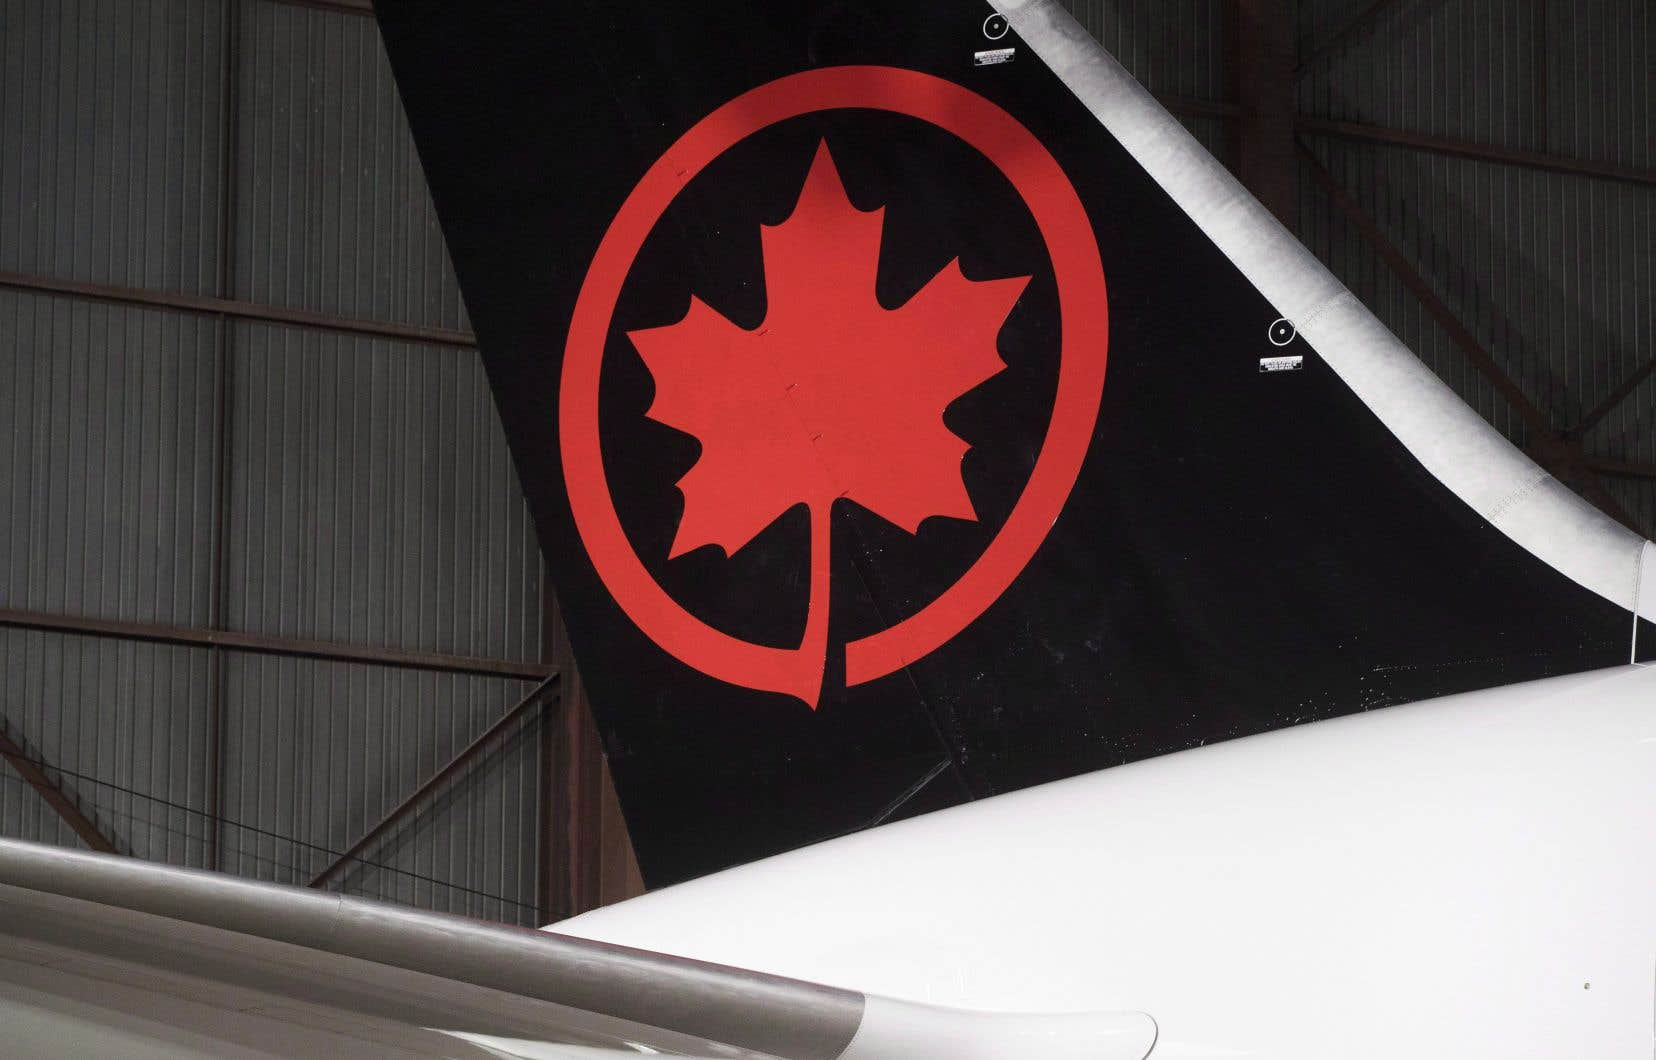 Selon les termes de l'accord, Air Canada Cargo commercialisera et vendra des services de livraison par drones partout au Canada.